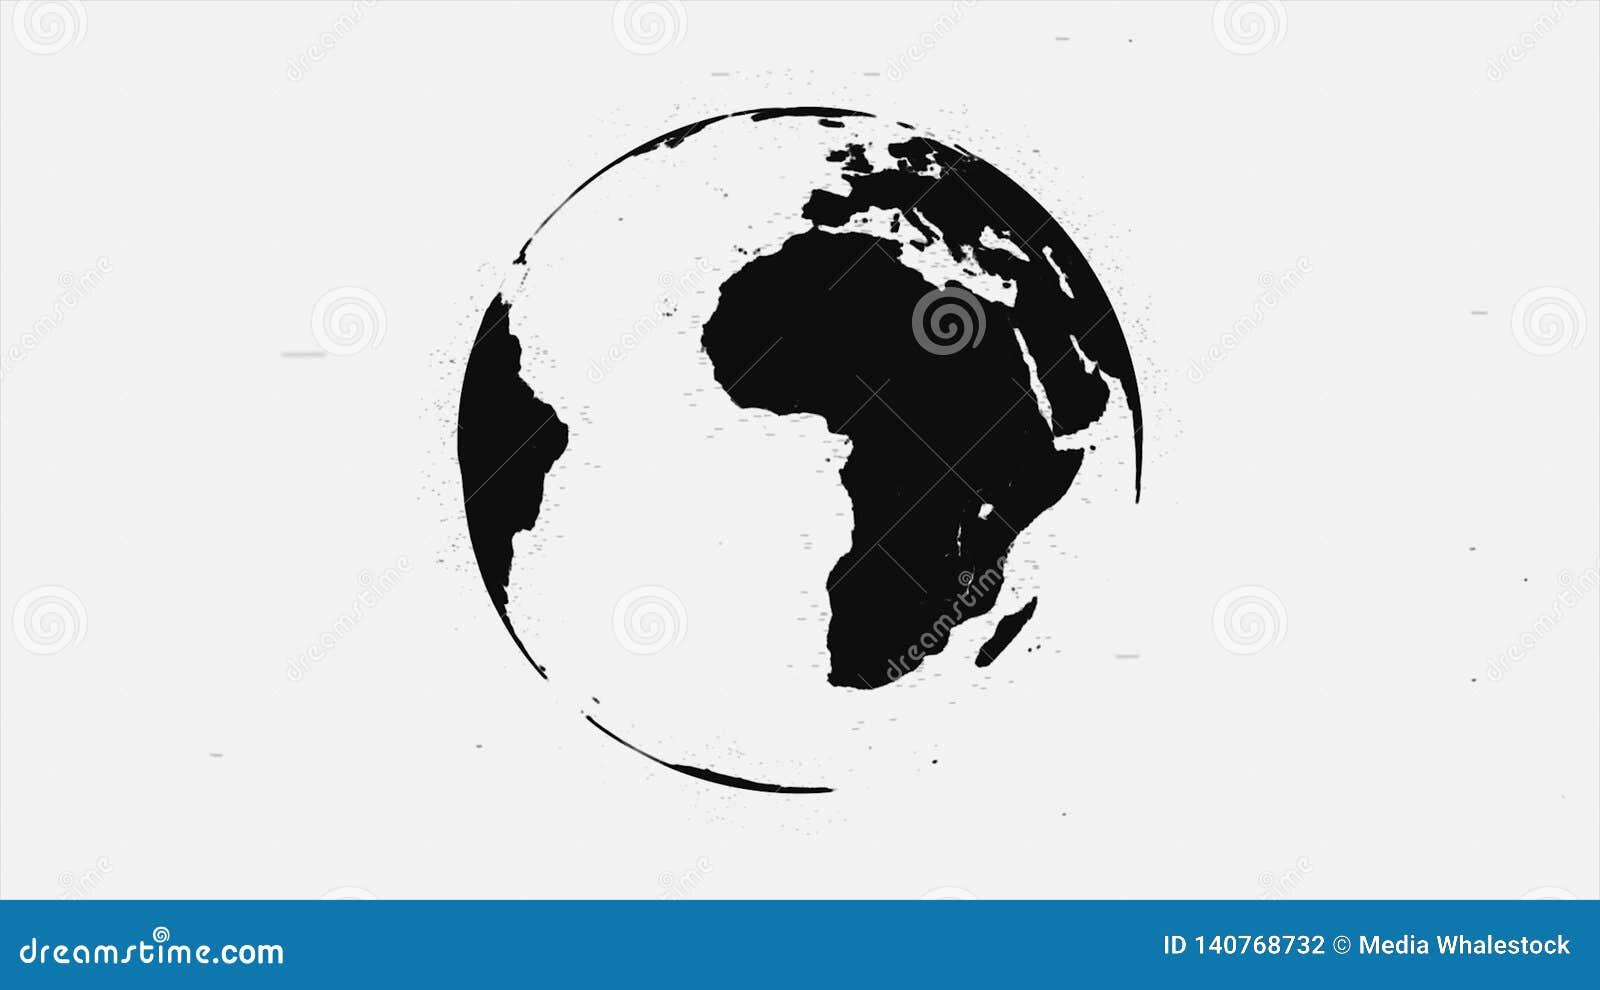 Abstrakcjonistyczna animacja płodozmienna czarna planety ziemia na białym tle Malująca planety ziemia z czarnymi konturami